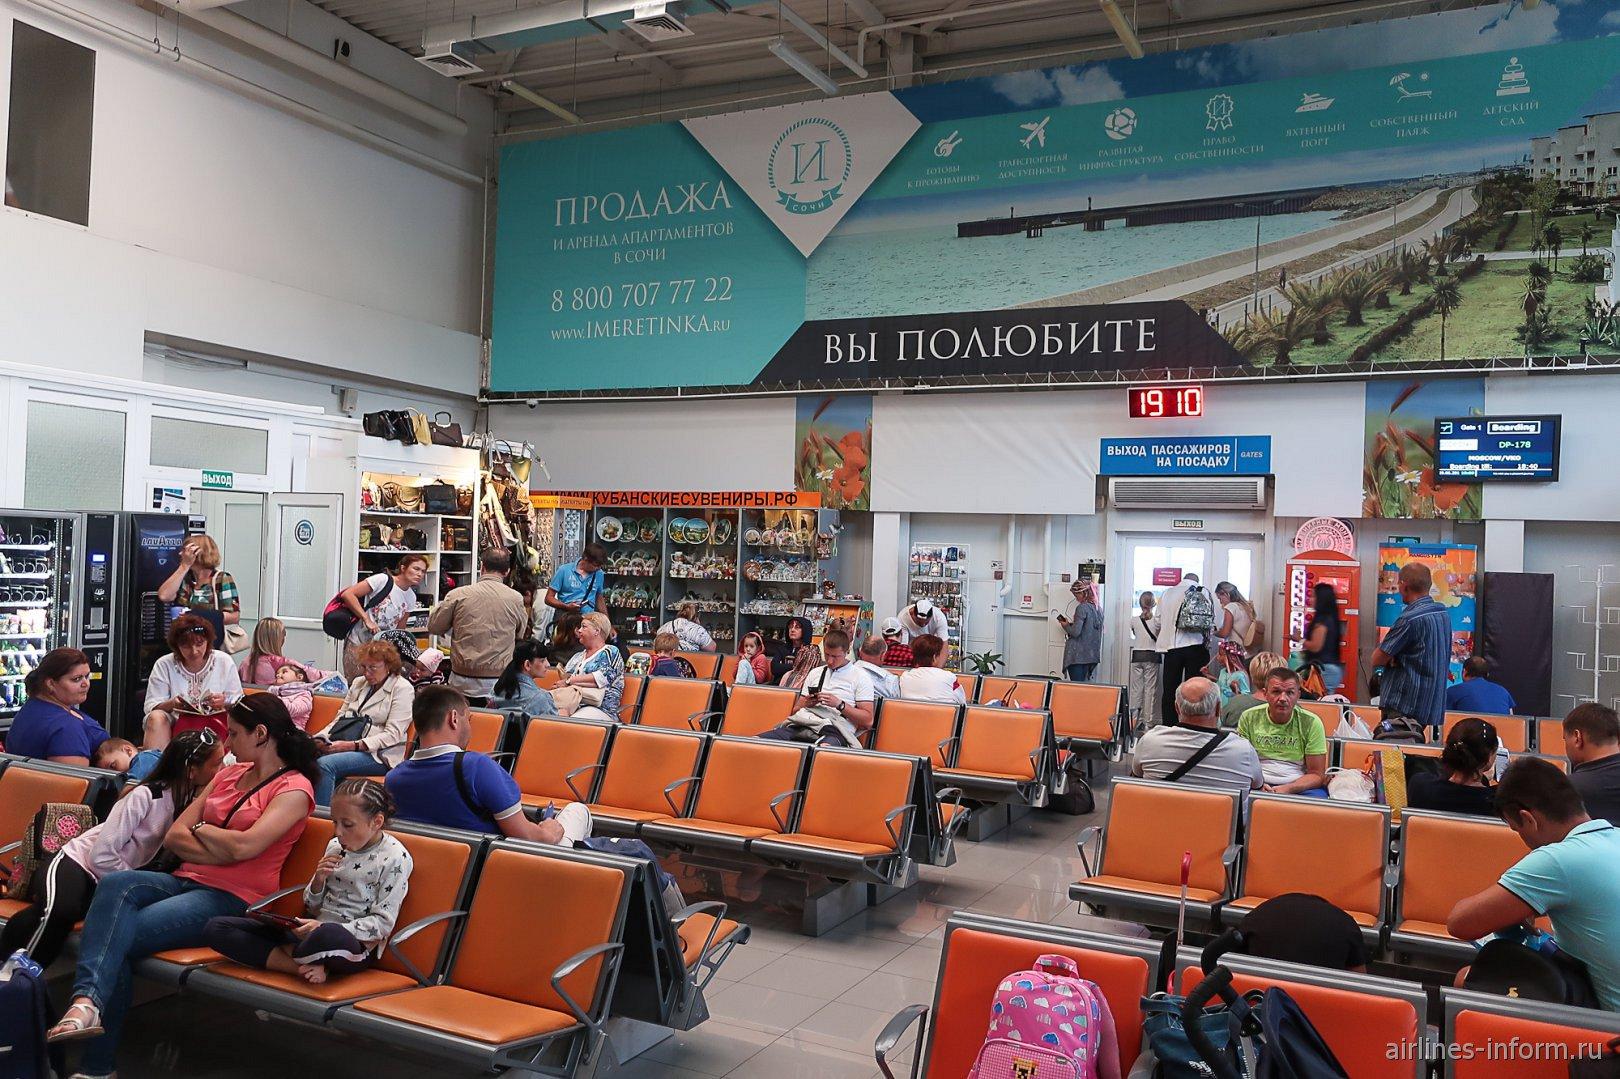 Зал ожидания в чистой зоне аэропорта Геленджик